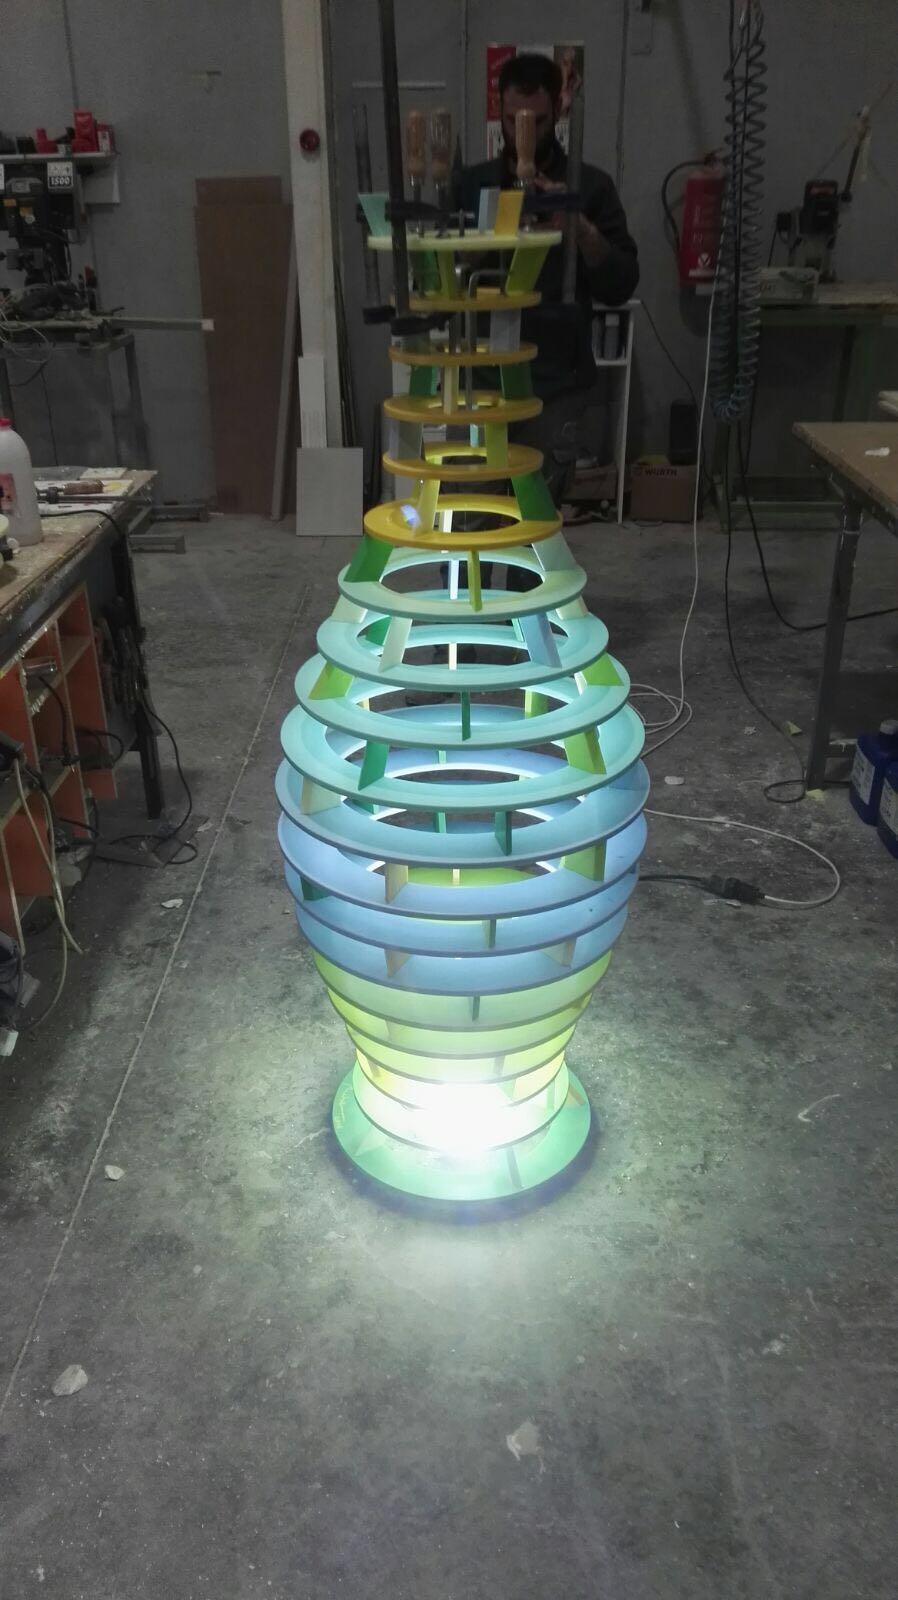 Escultura MUHER Philips Hong Kong 3 [:es]Muher crea una escultura Feng Shui para la sede de Philips en Hong Kong[:]